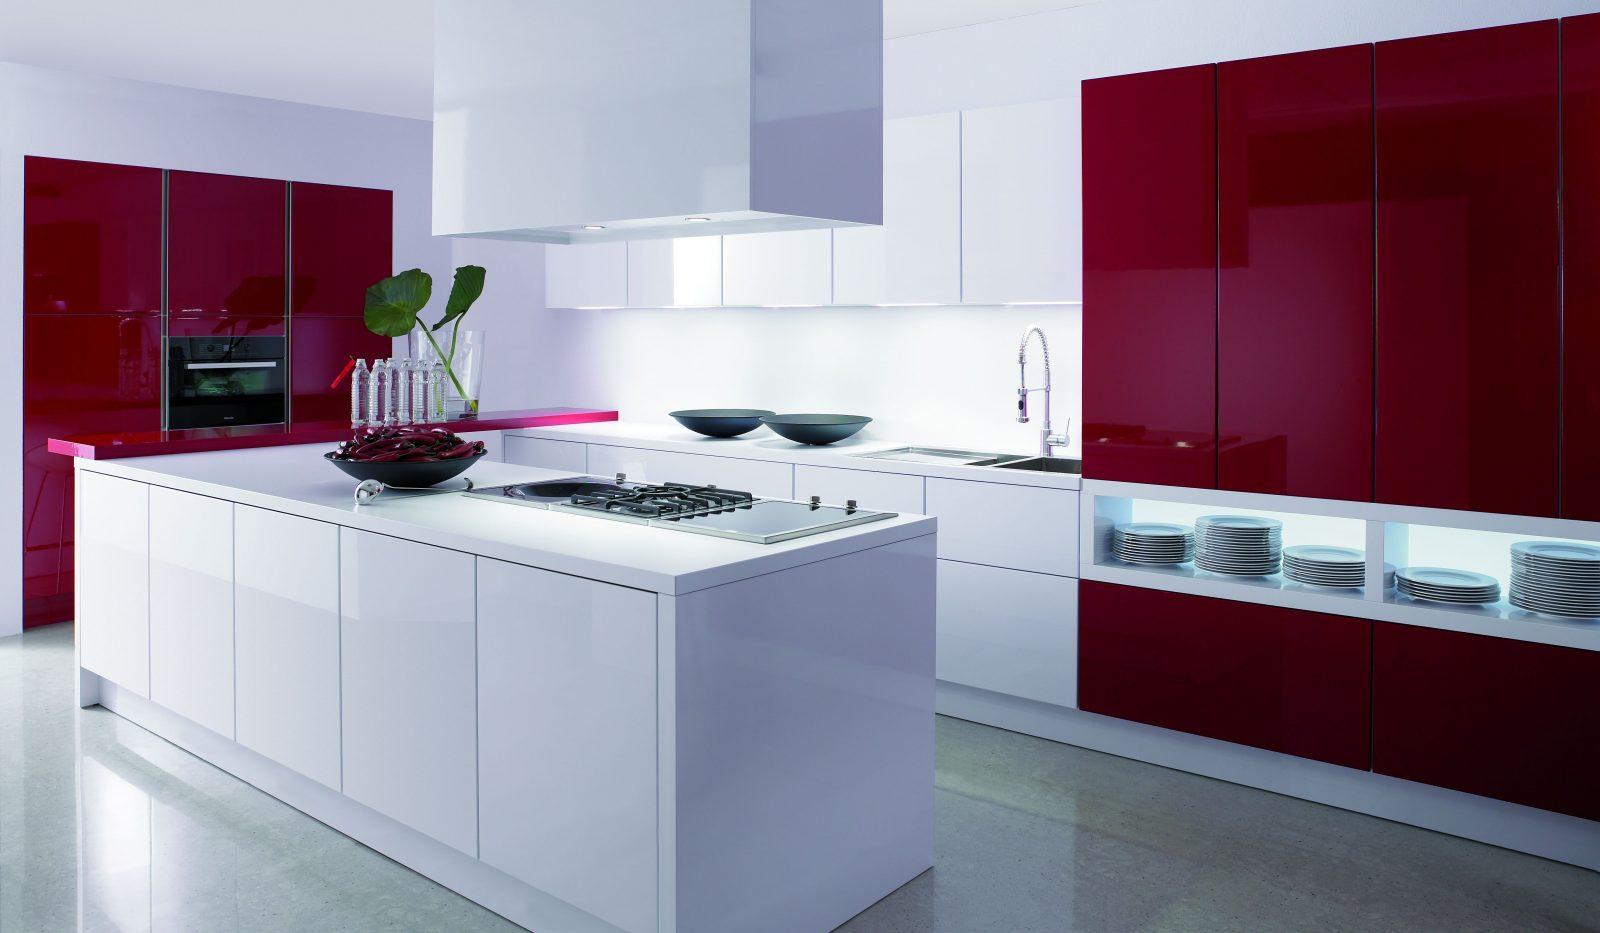 cocinas-lacadas-6.jpg